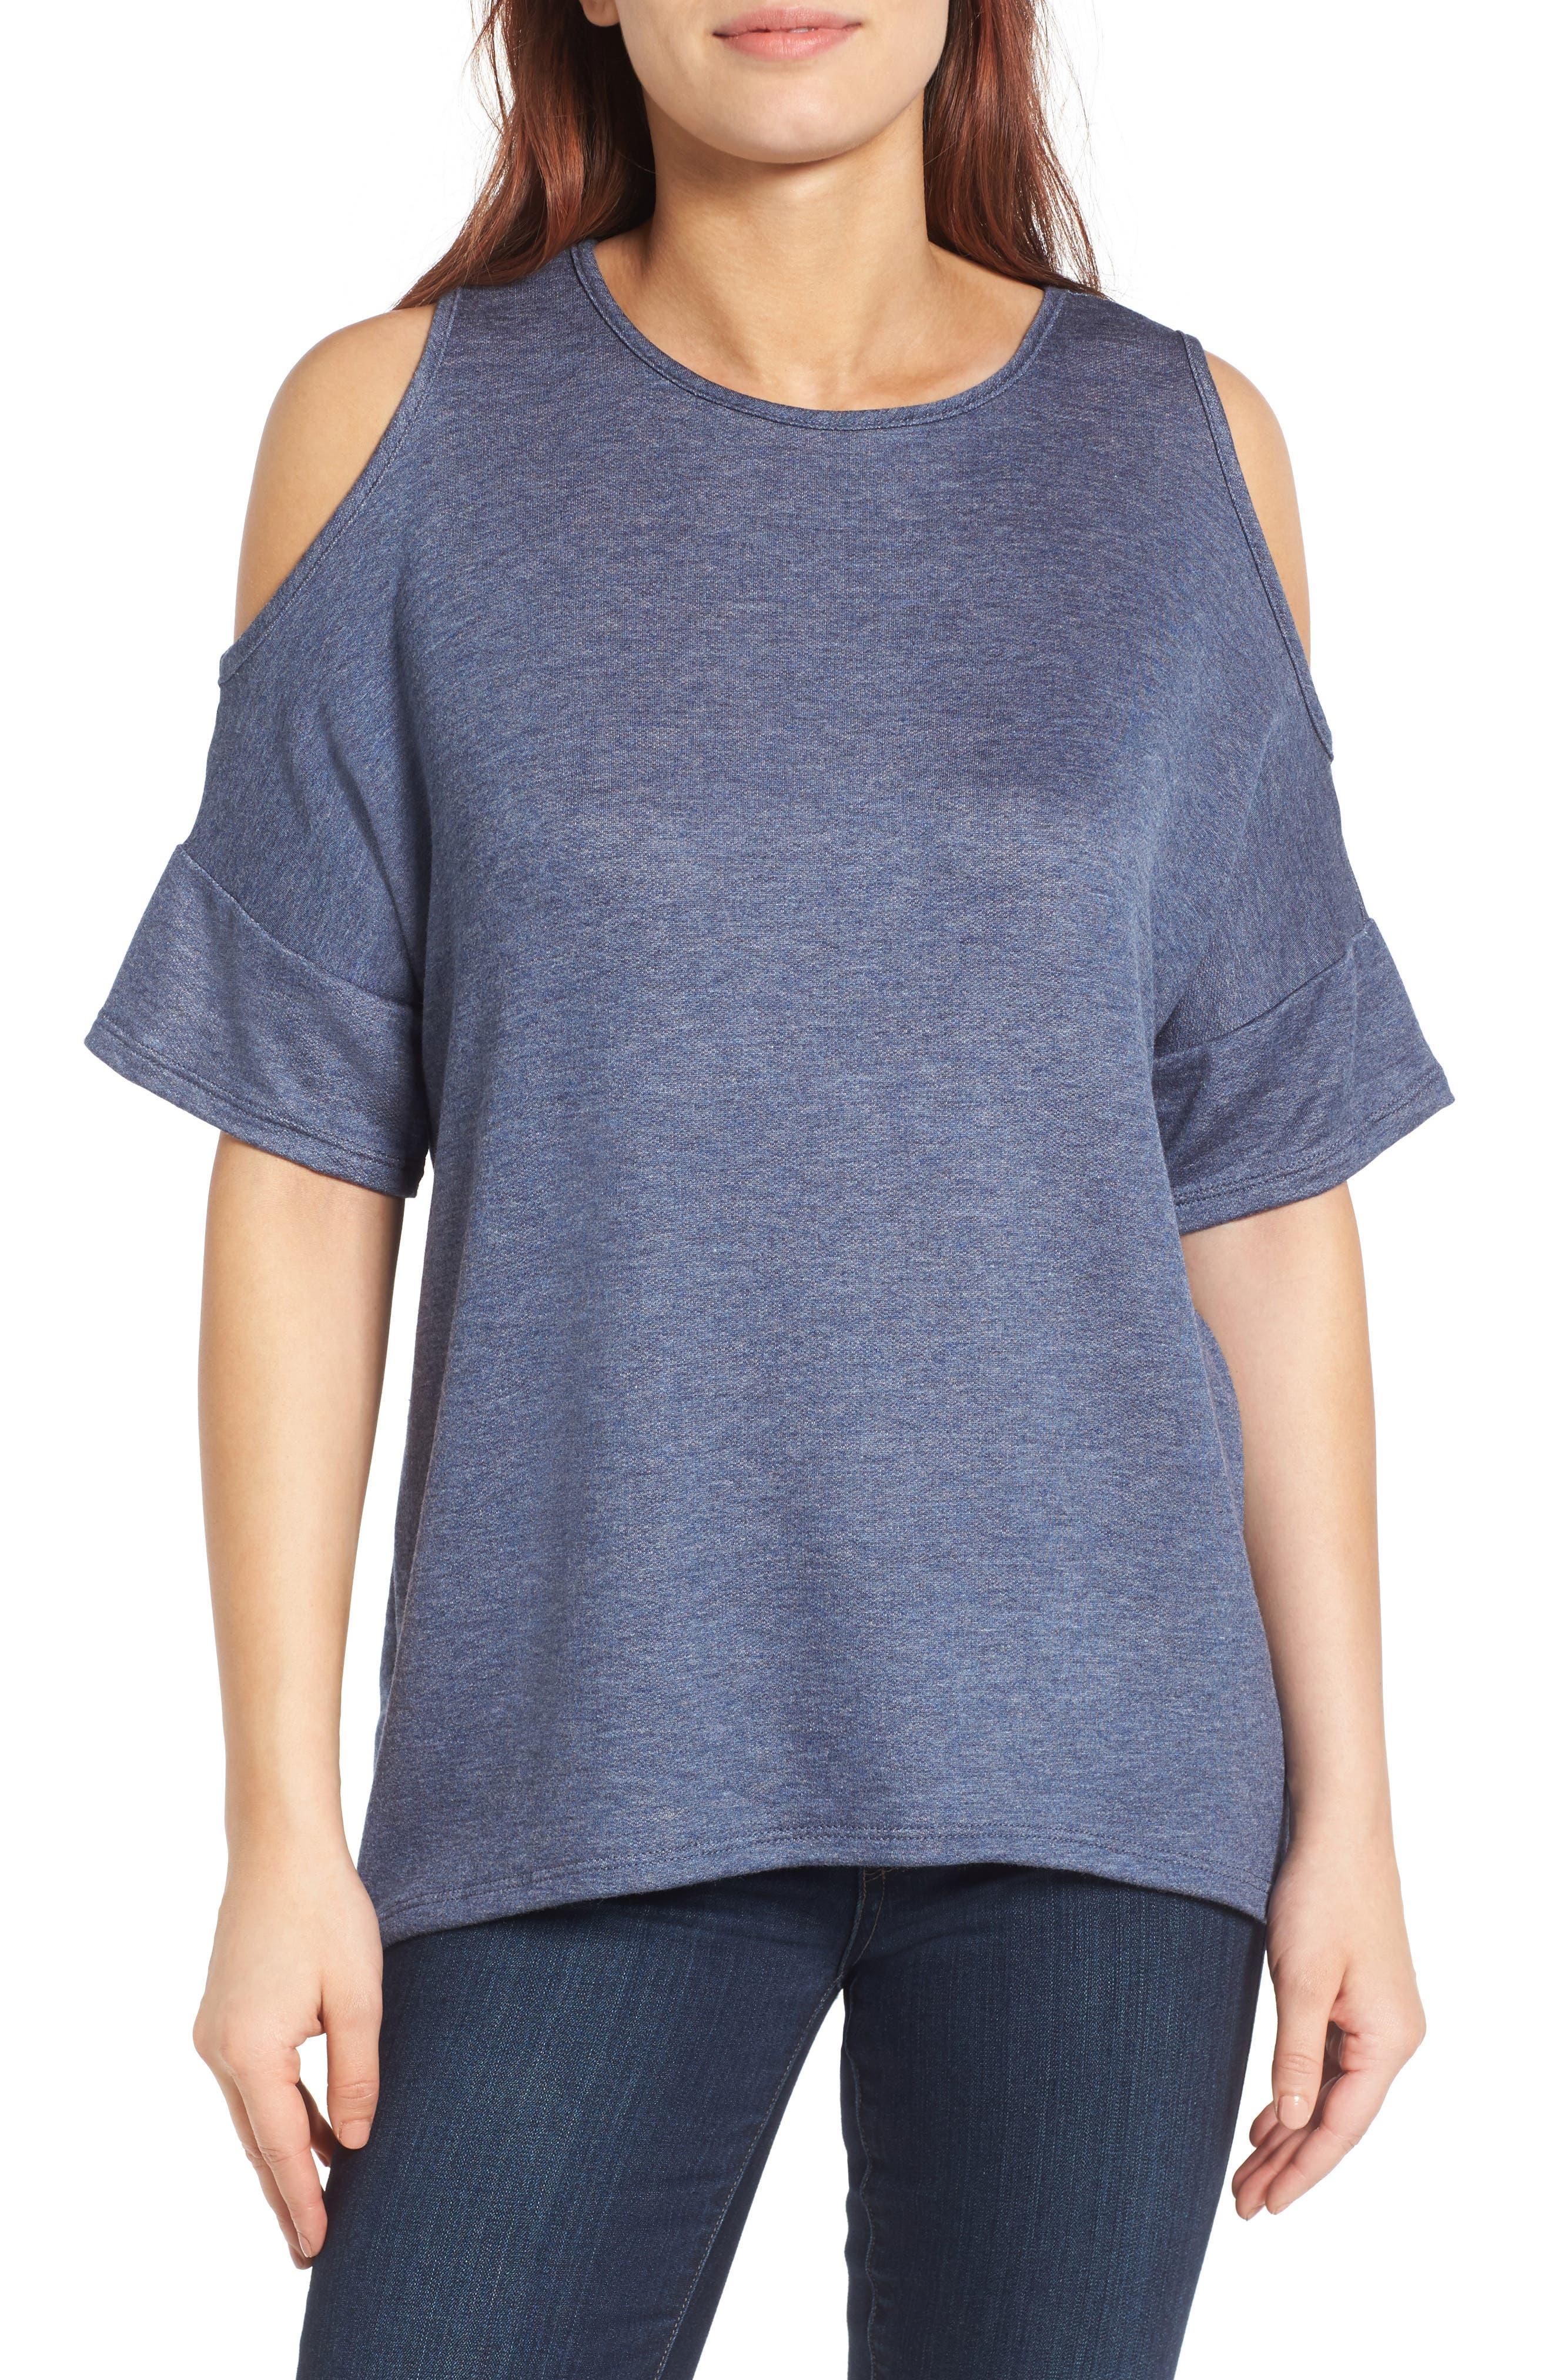 Alternate Image 1 Selected - Bobeau High/Low Cold Shoulder Sweatshirt